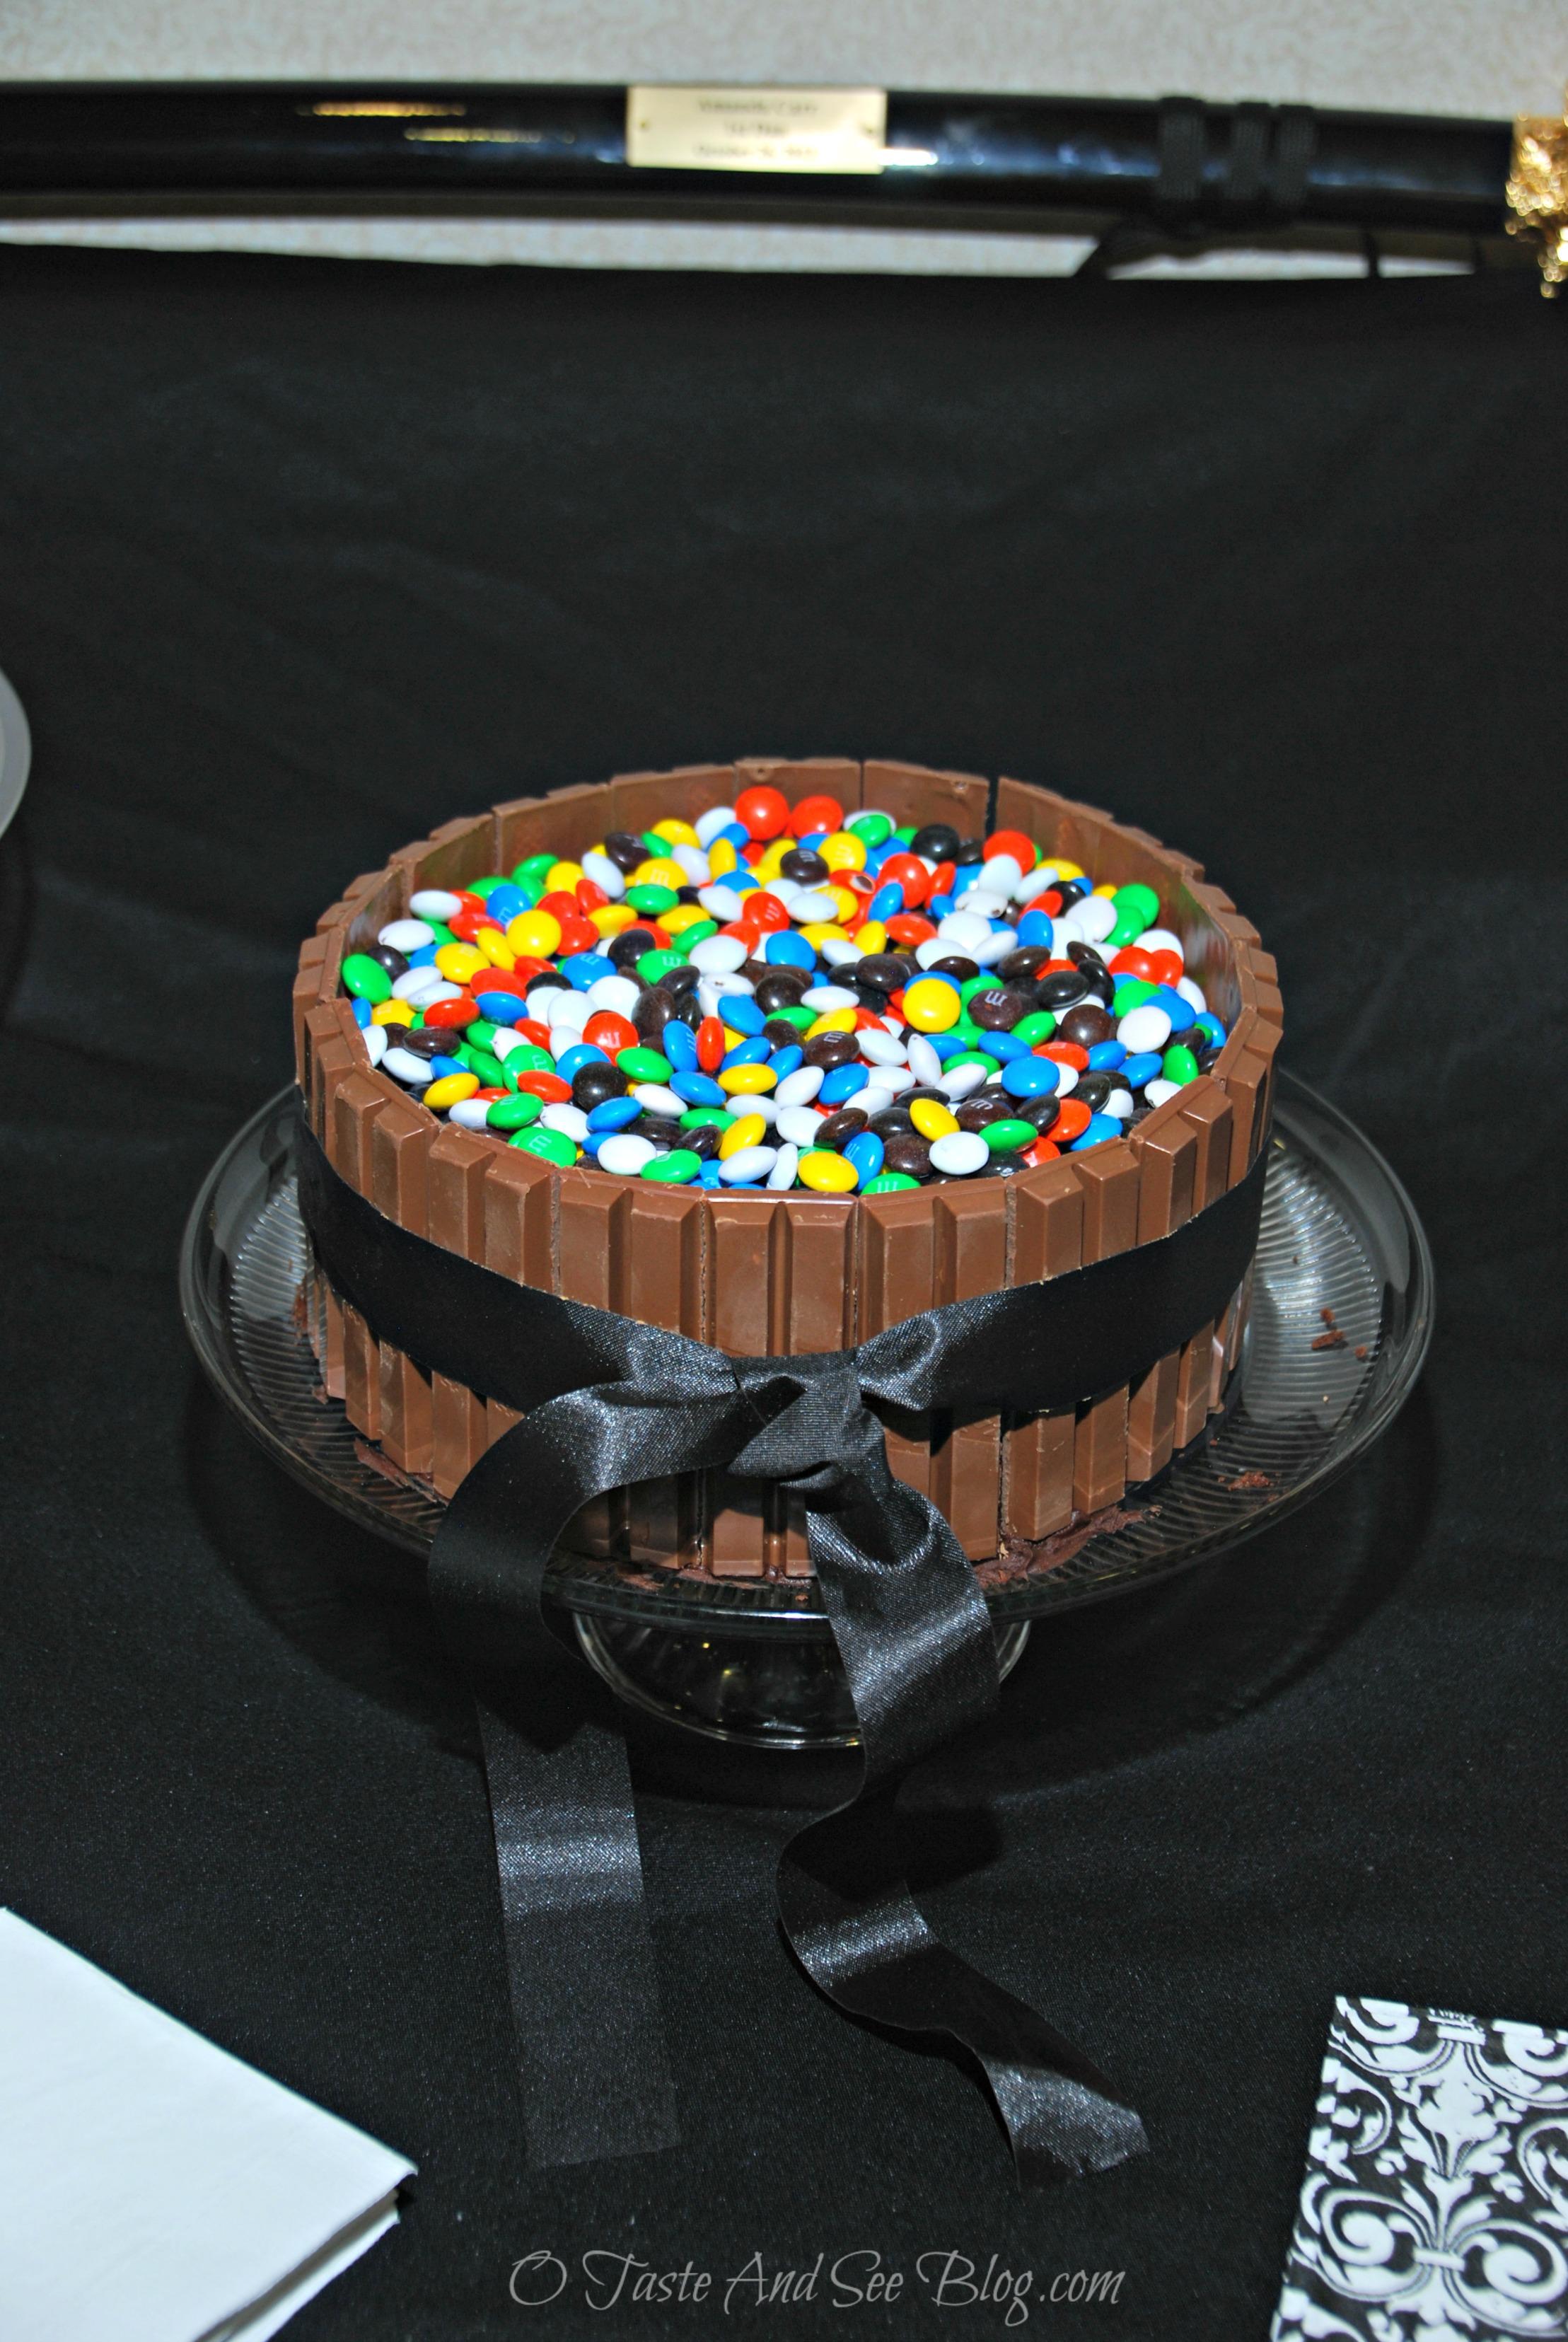 kit kat cake 2